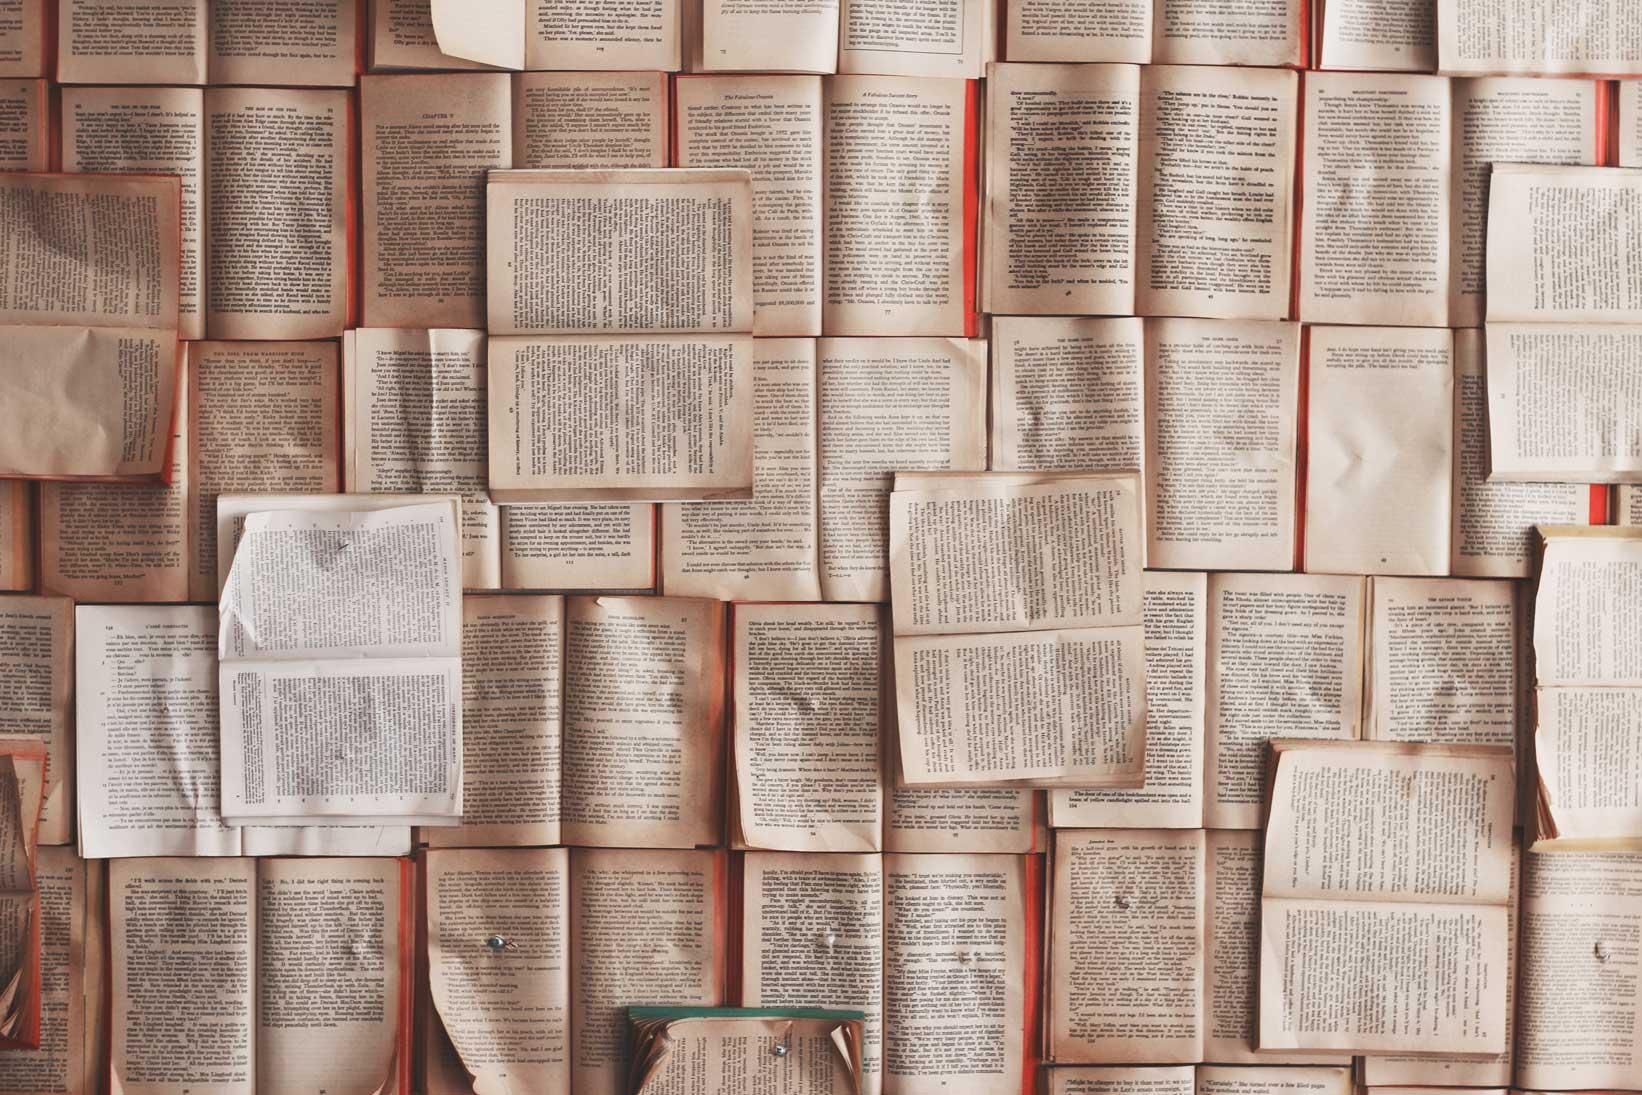 Libros más leídos 2019: libros recomendados, cómics y mucho más